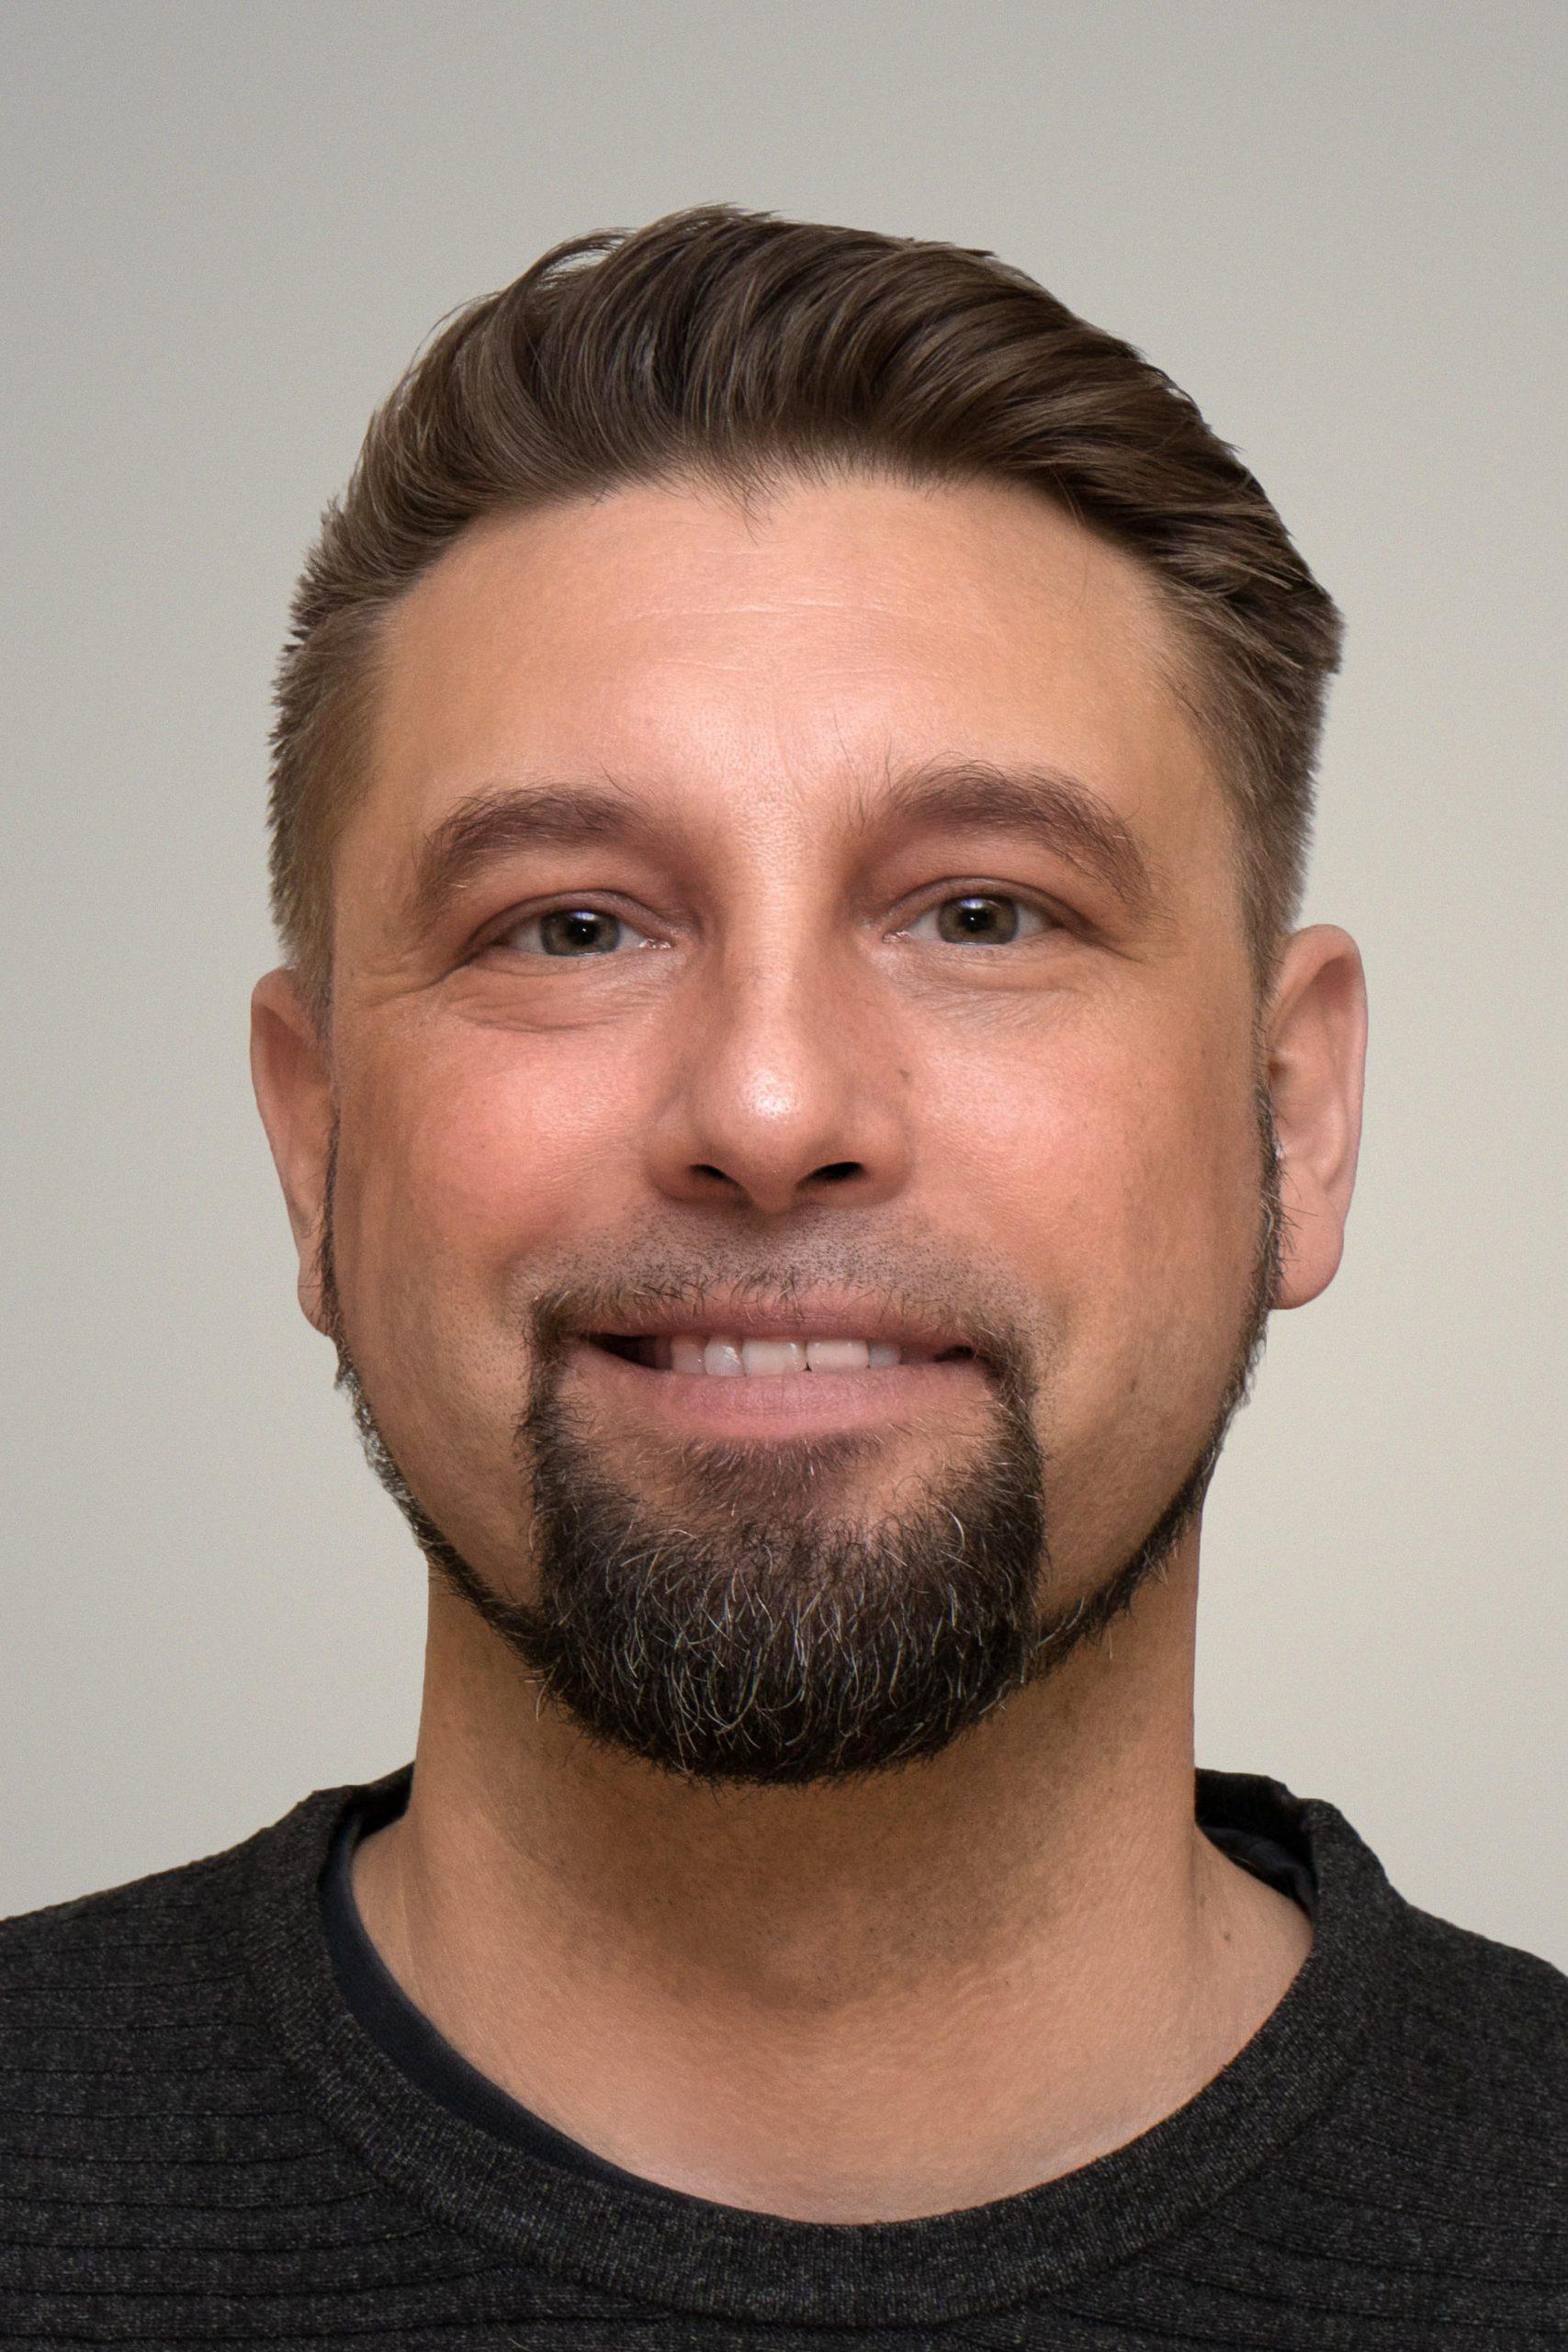 Sebastian Foitzik